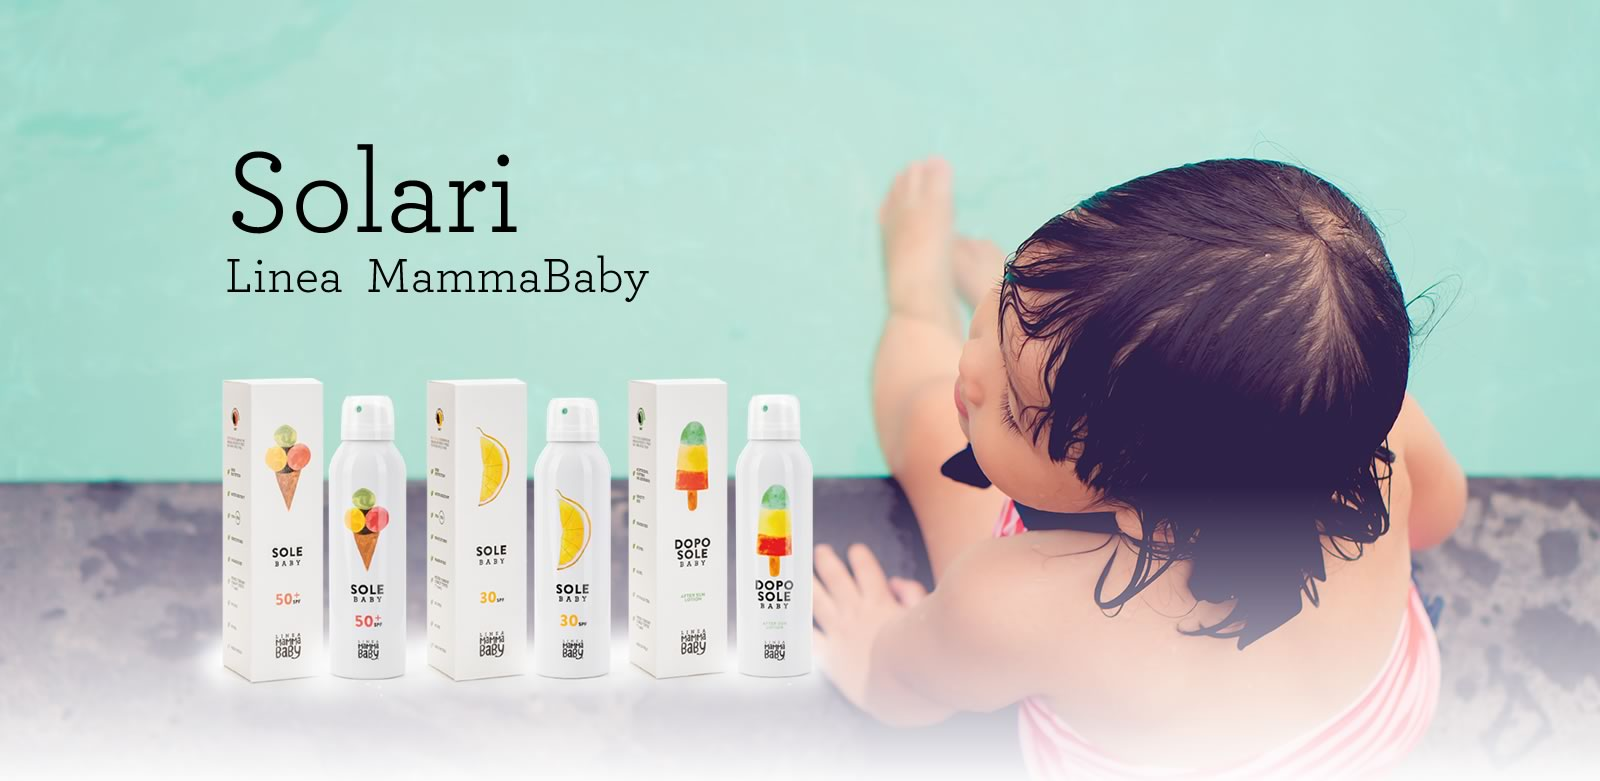 protezione solare linea mamma baby